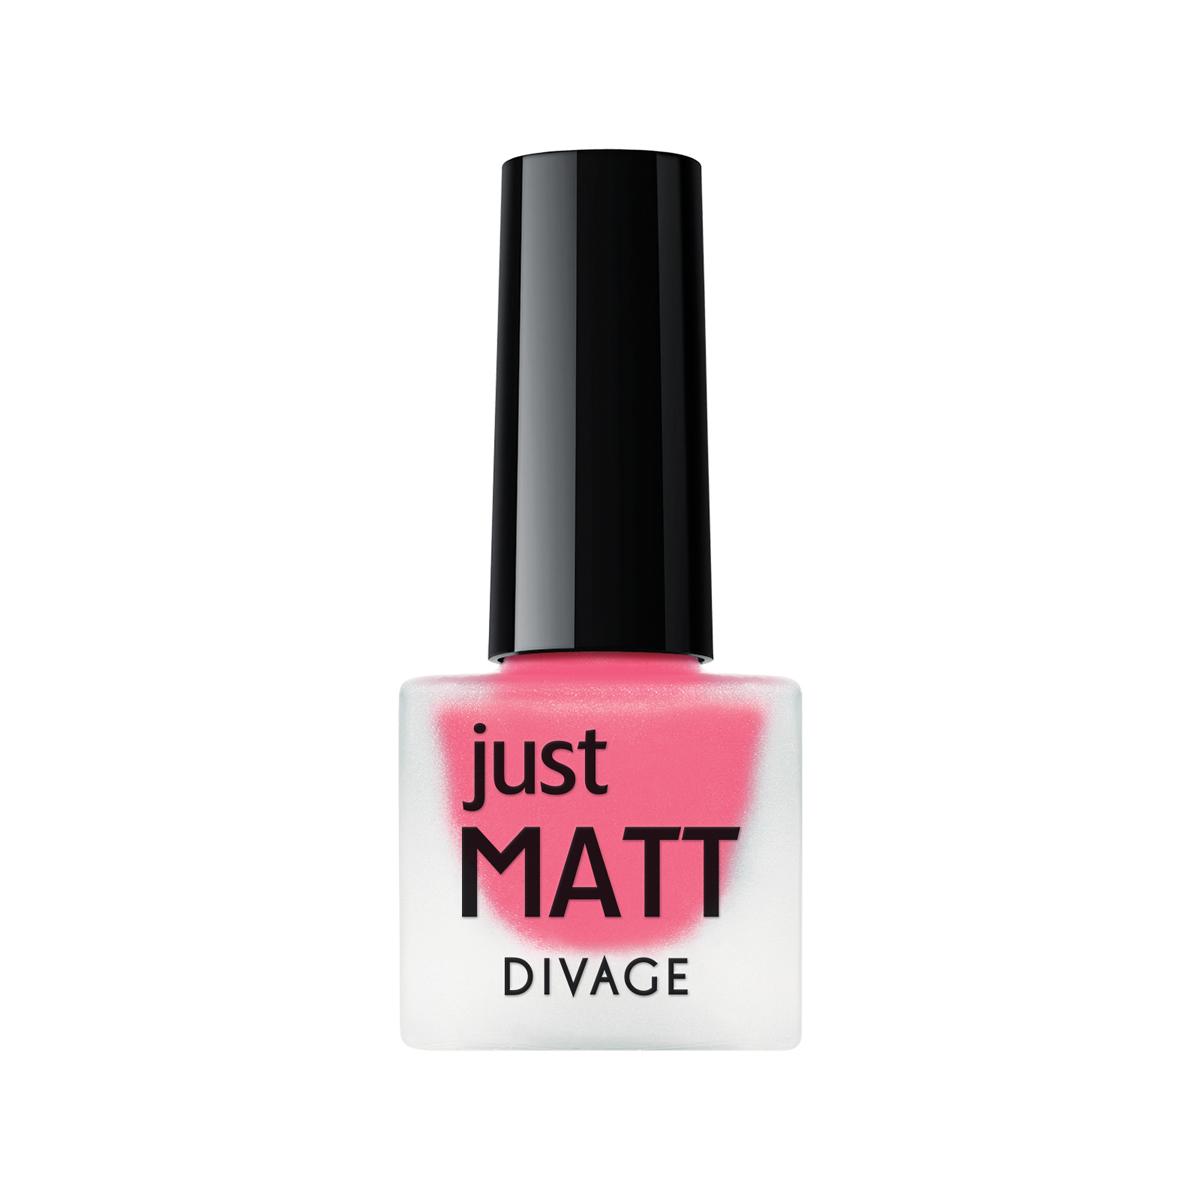 DIVAGE Лак для ногтей JUST MATT, тон № 5613, 7 мл28420_красныйЛегкая мягкая текстура лака позволяет выполнить маникюр с эффектом матового покрытия. Настоящая бархатная фантазия для твоего образа. Лак выравнивает неровности ногтевой пластины и позволяет создать идеальный маникюр с насыщенным цветом в один слой. Коллекция постоянно дополняется и обновляется новыми актуальными цветами. С оттенками коллекции JUST MATT легко воплотить в жизнь различные nail-дизайны, и каждый раз ваш маникюр будет смотреться стильно и по-новому! Легкая мягкая текстура лака позволяет выполнить маникюр с эффектом матового покрытия. Настоящая бархатная фантазия для твоего образа. Лак выравнивает неровности ногтевой пластины и позволяет создать идеальный маникюр с насыщенным цветом в один слой. Коллекция постоянно дополняется и обновляется новыми актуальными цветами.